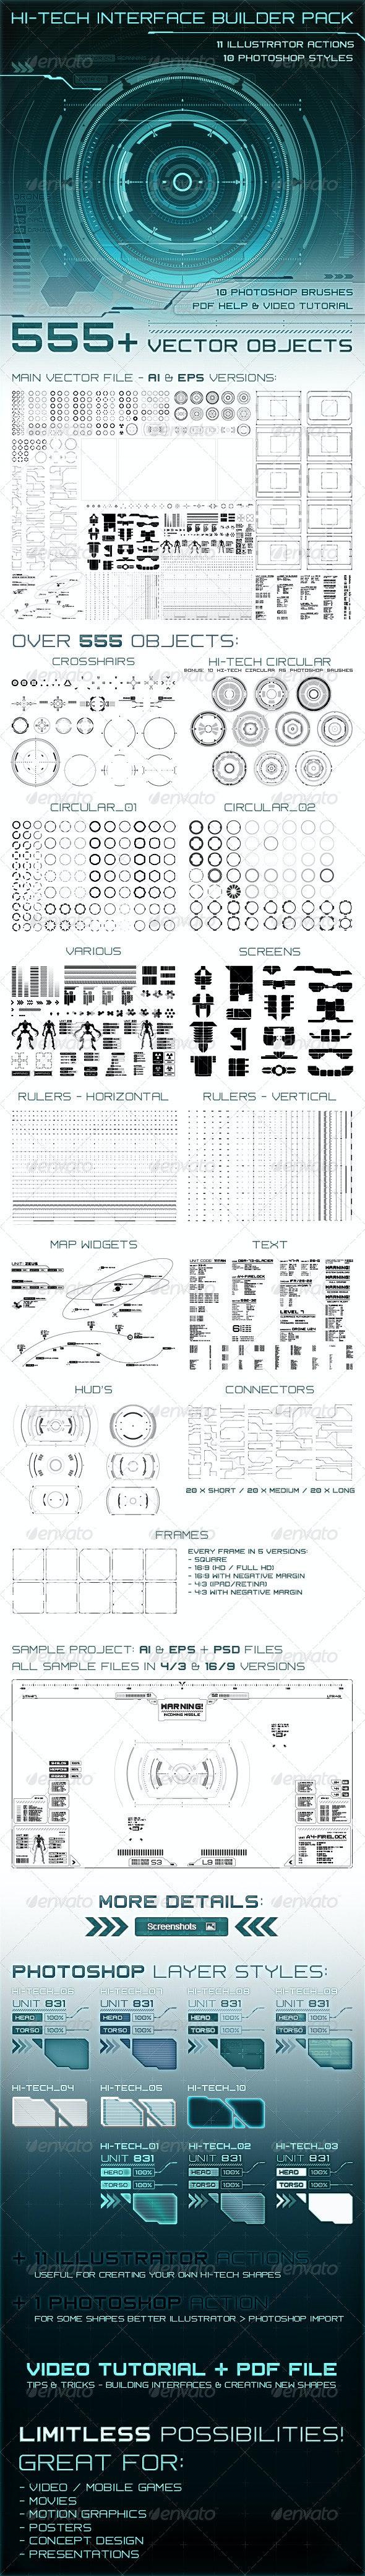 Hi-Tech Interface Builder Pack